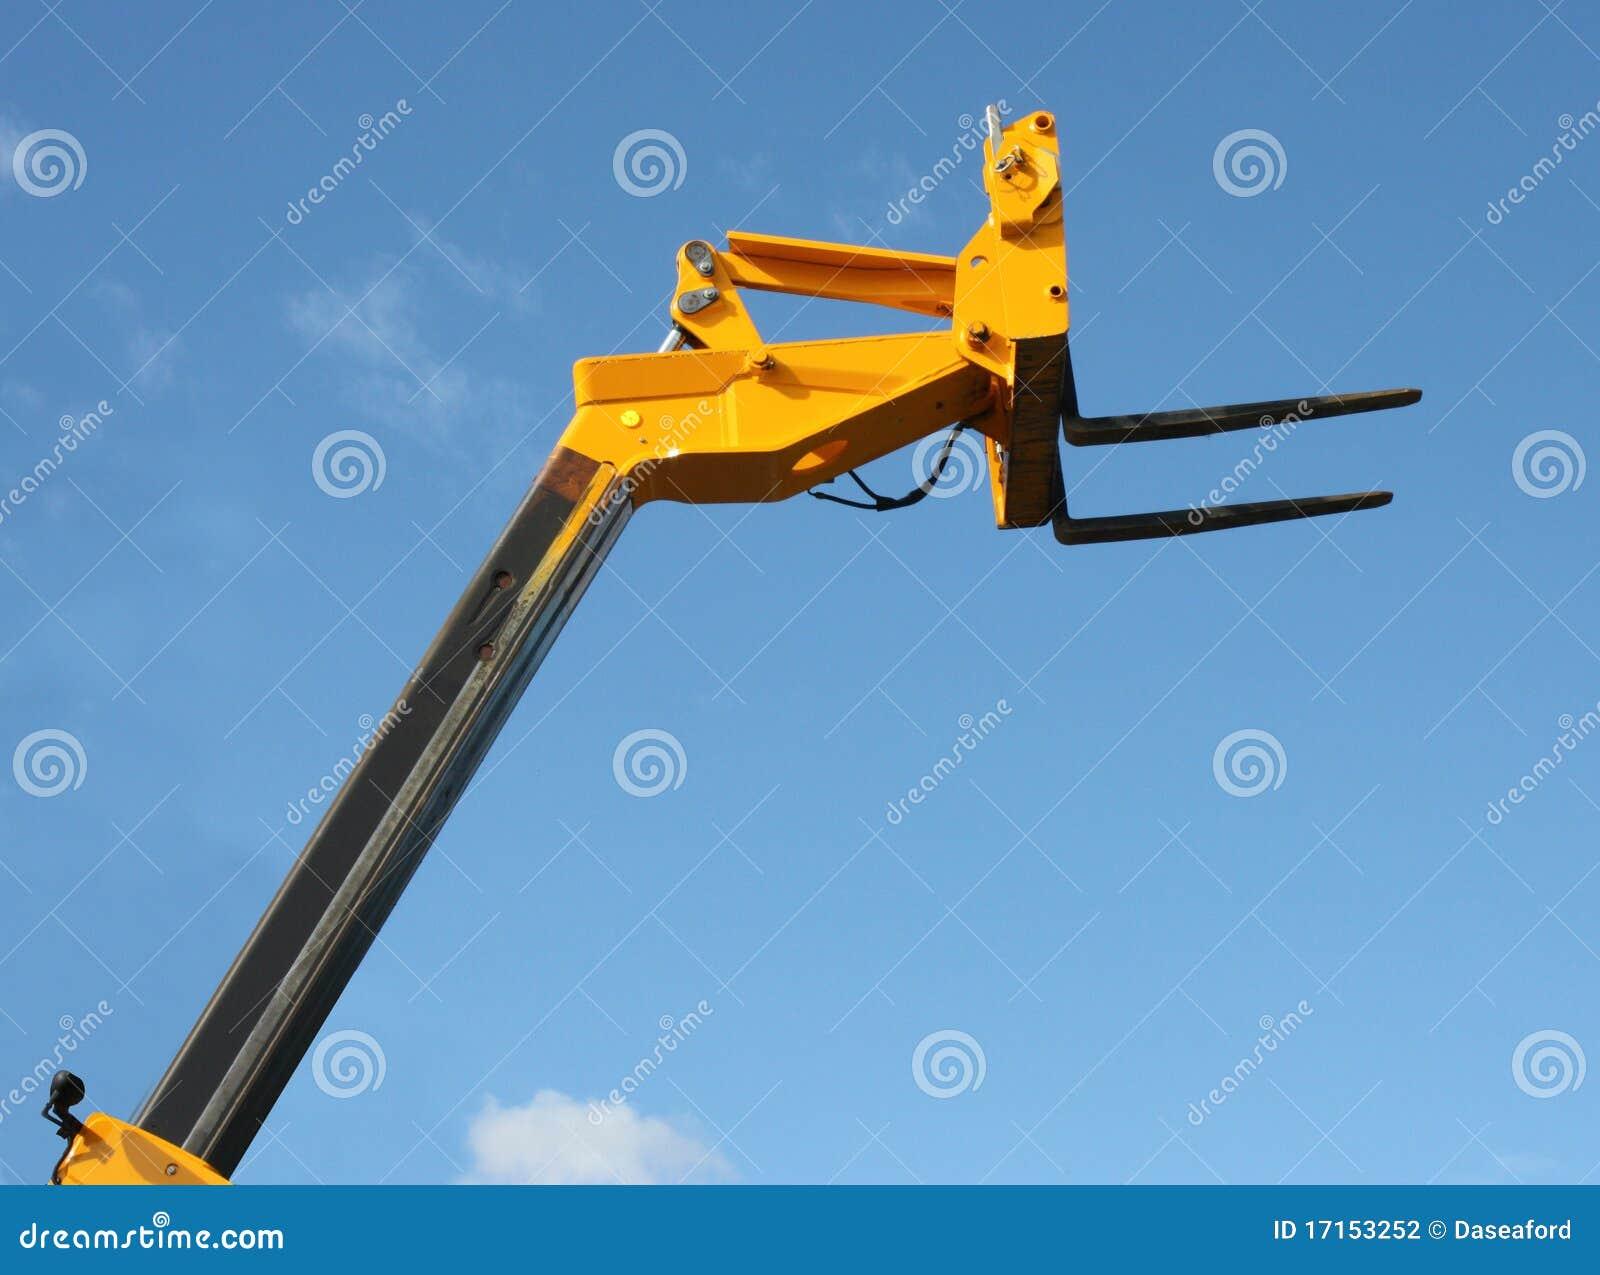 Hydraulic Lift.